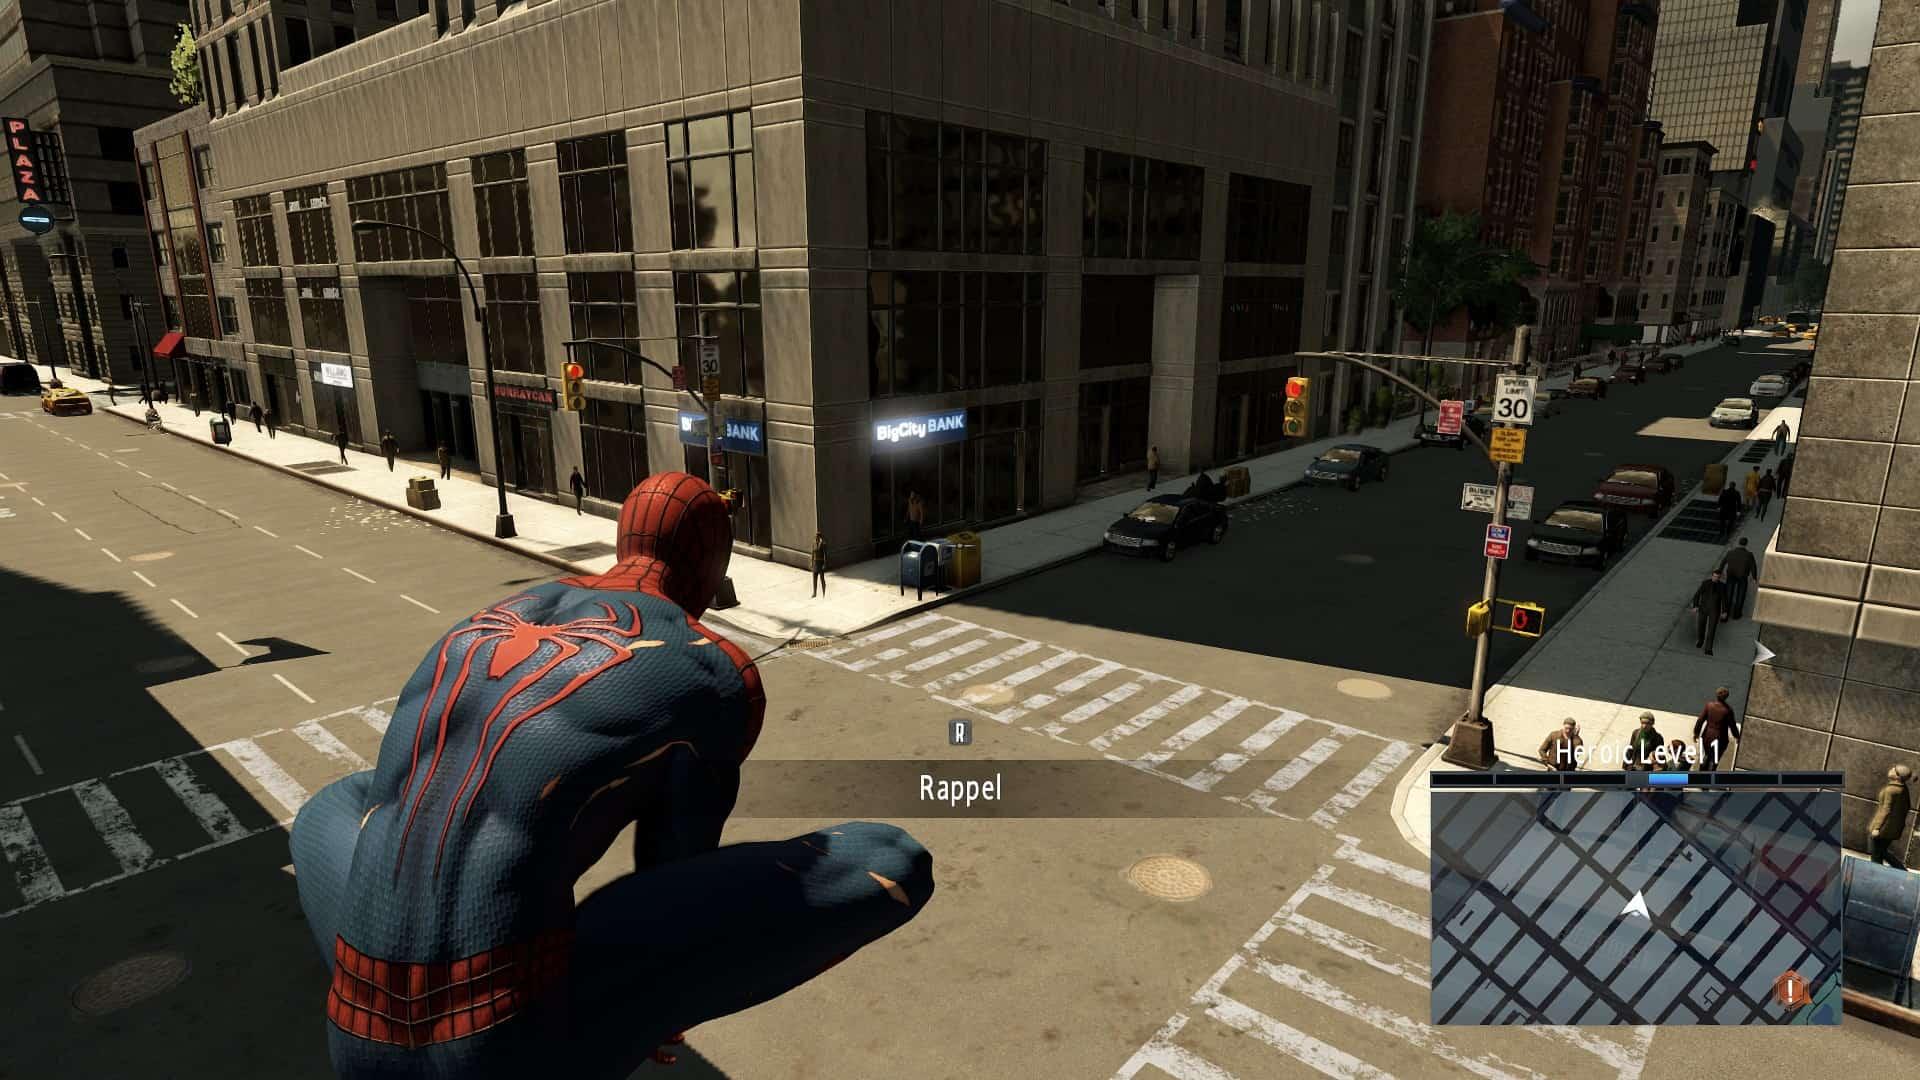 Go Launcher 3d Wallpaper The Amazing Spider Man 2 Jeux Pc 2014 T 233 L 233 Charger Gratuit